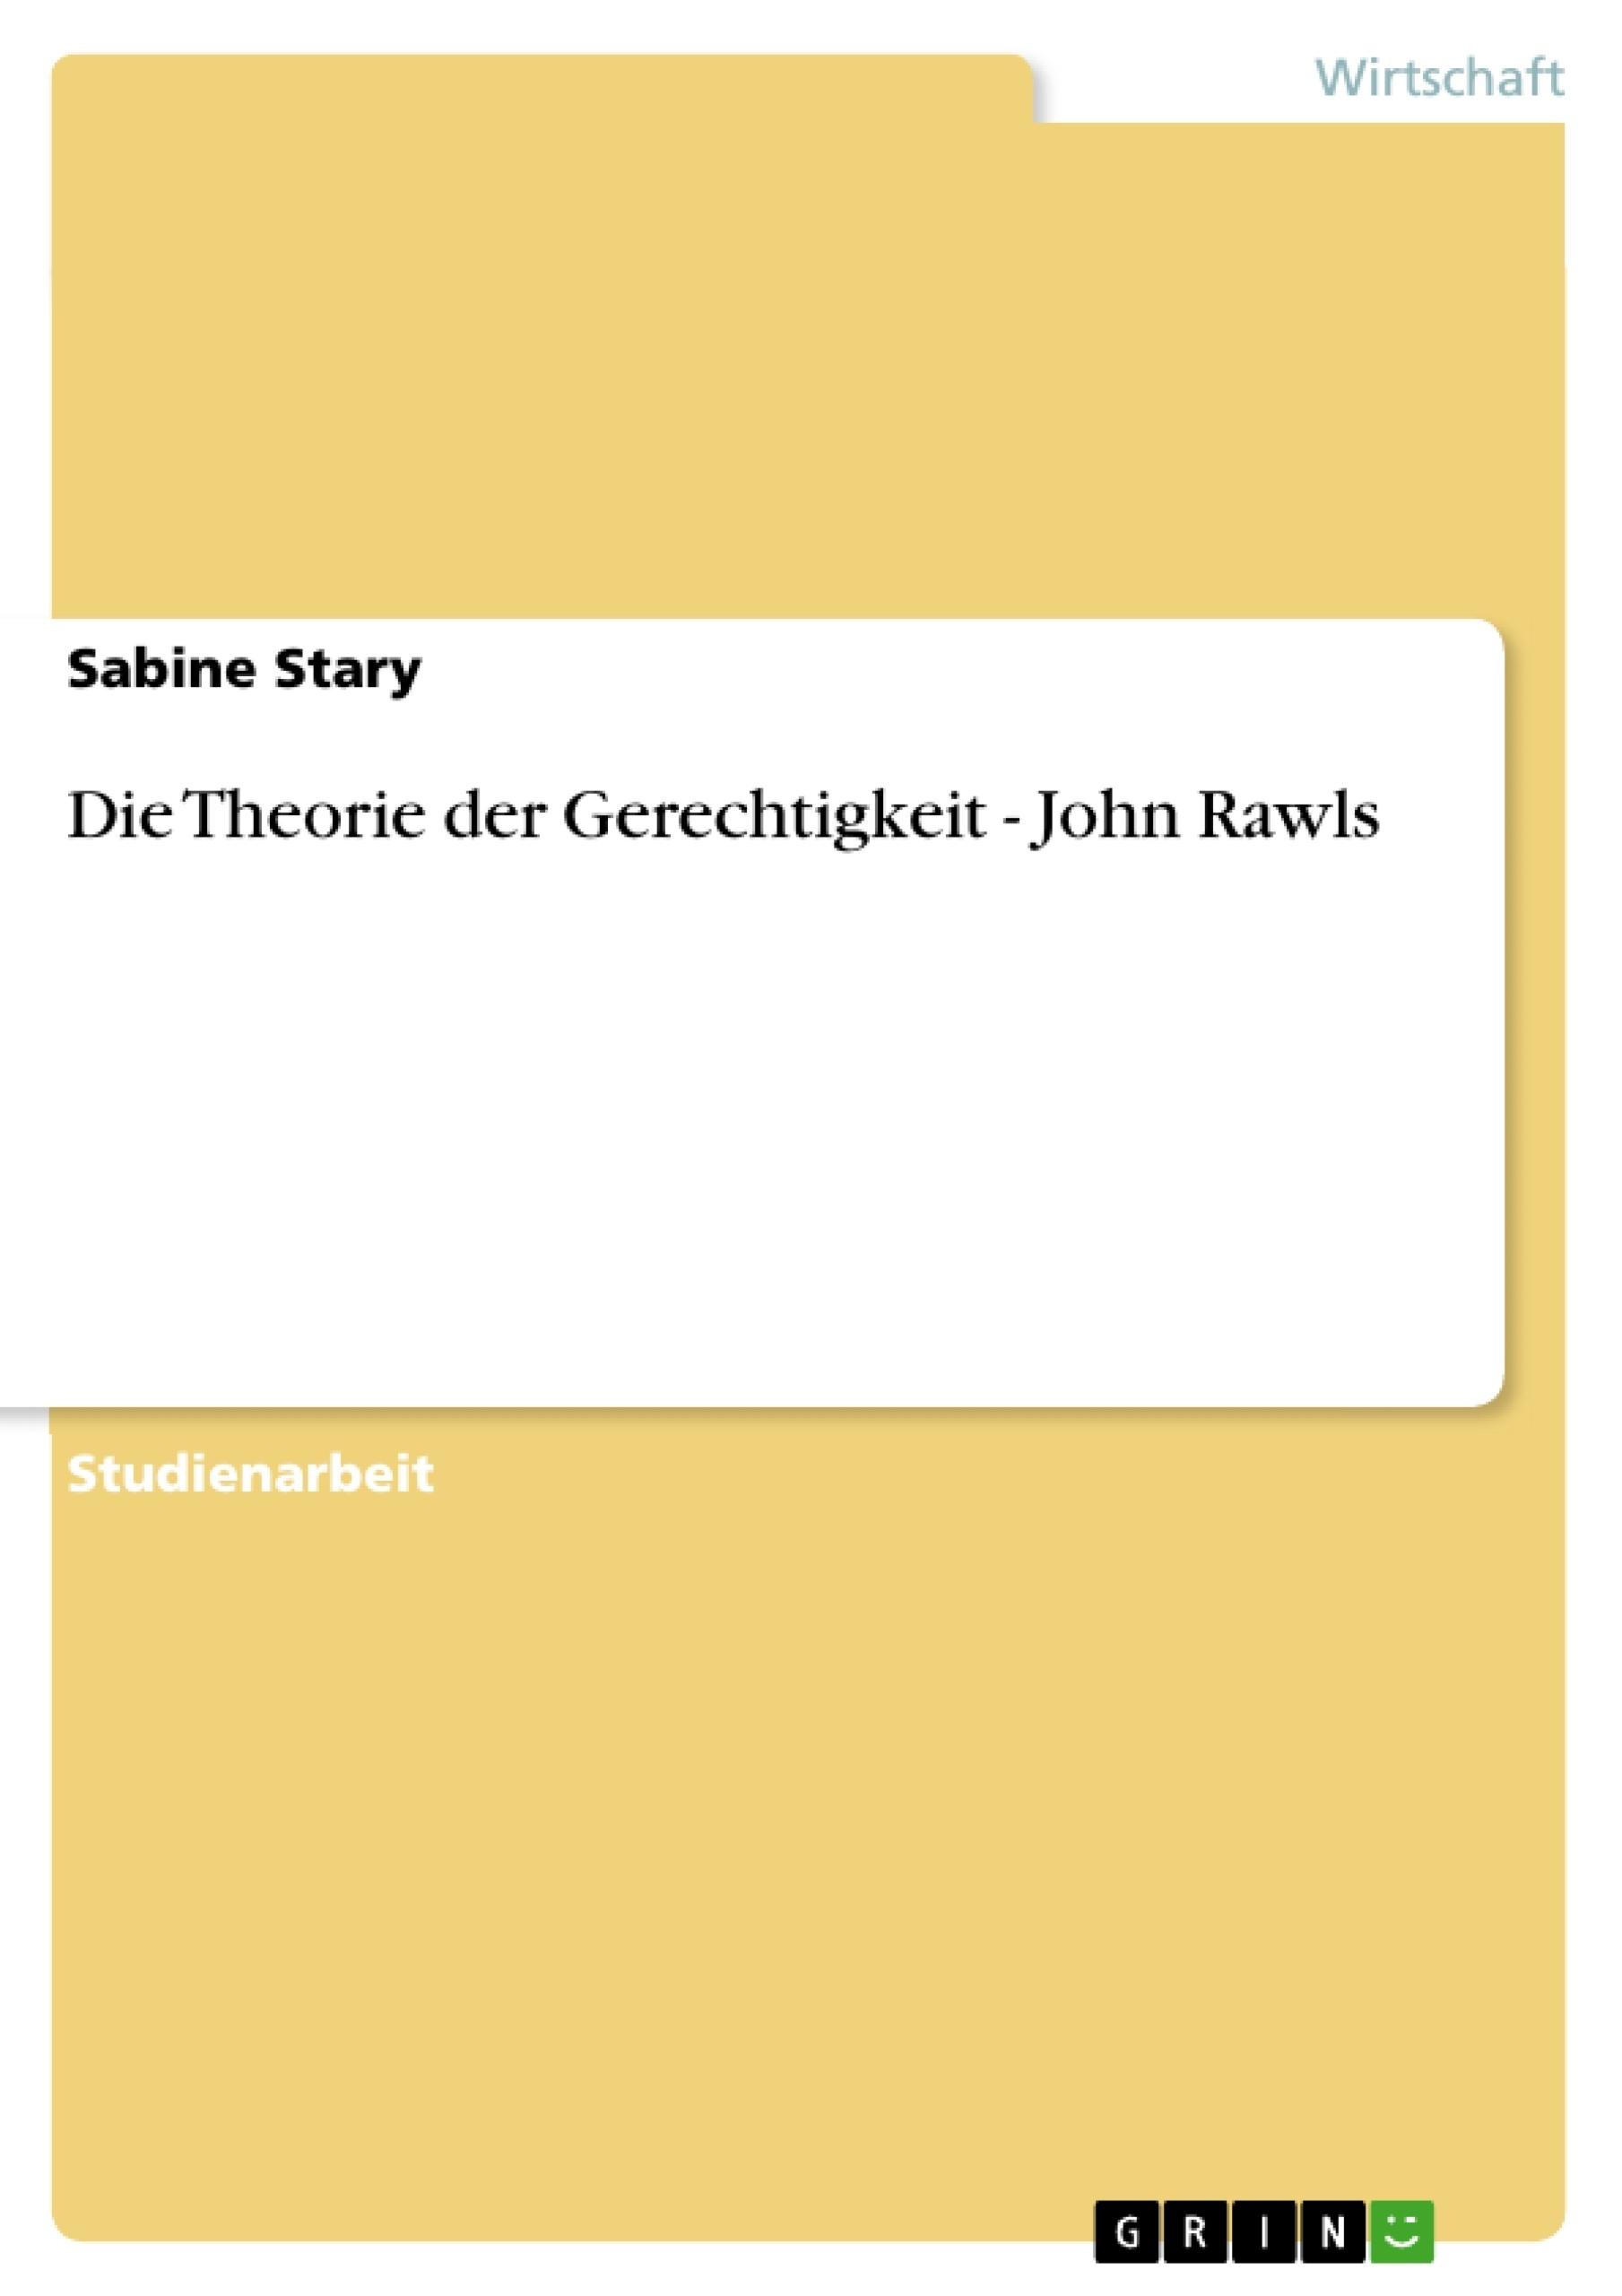 Titel: Die Theorie der Gerechtigkeit - John Rawls